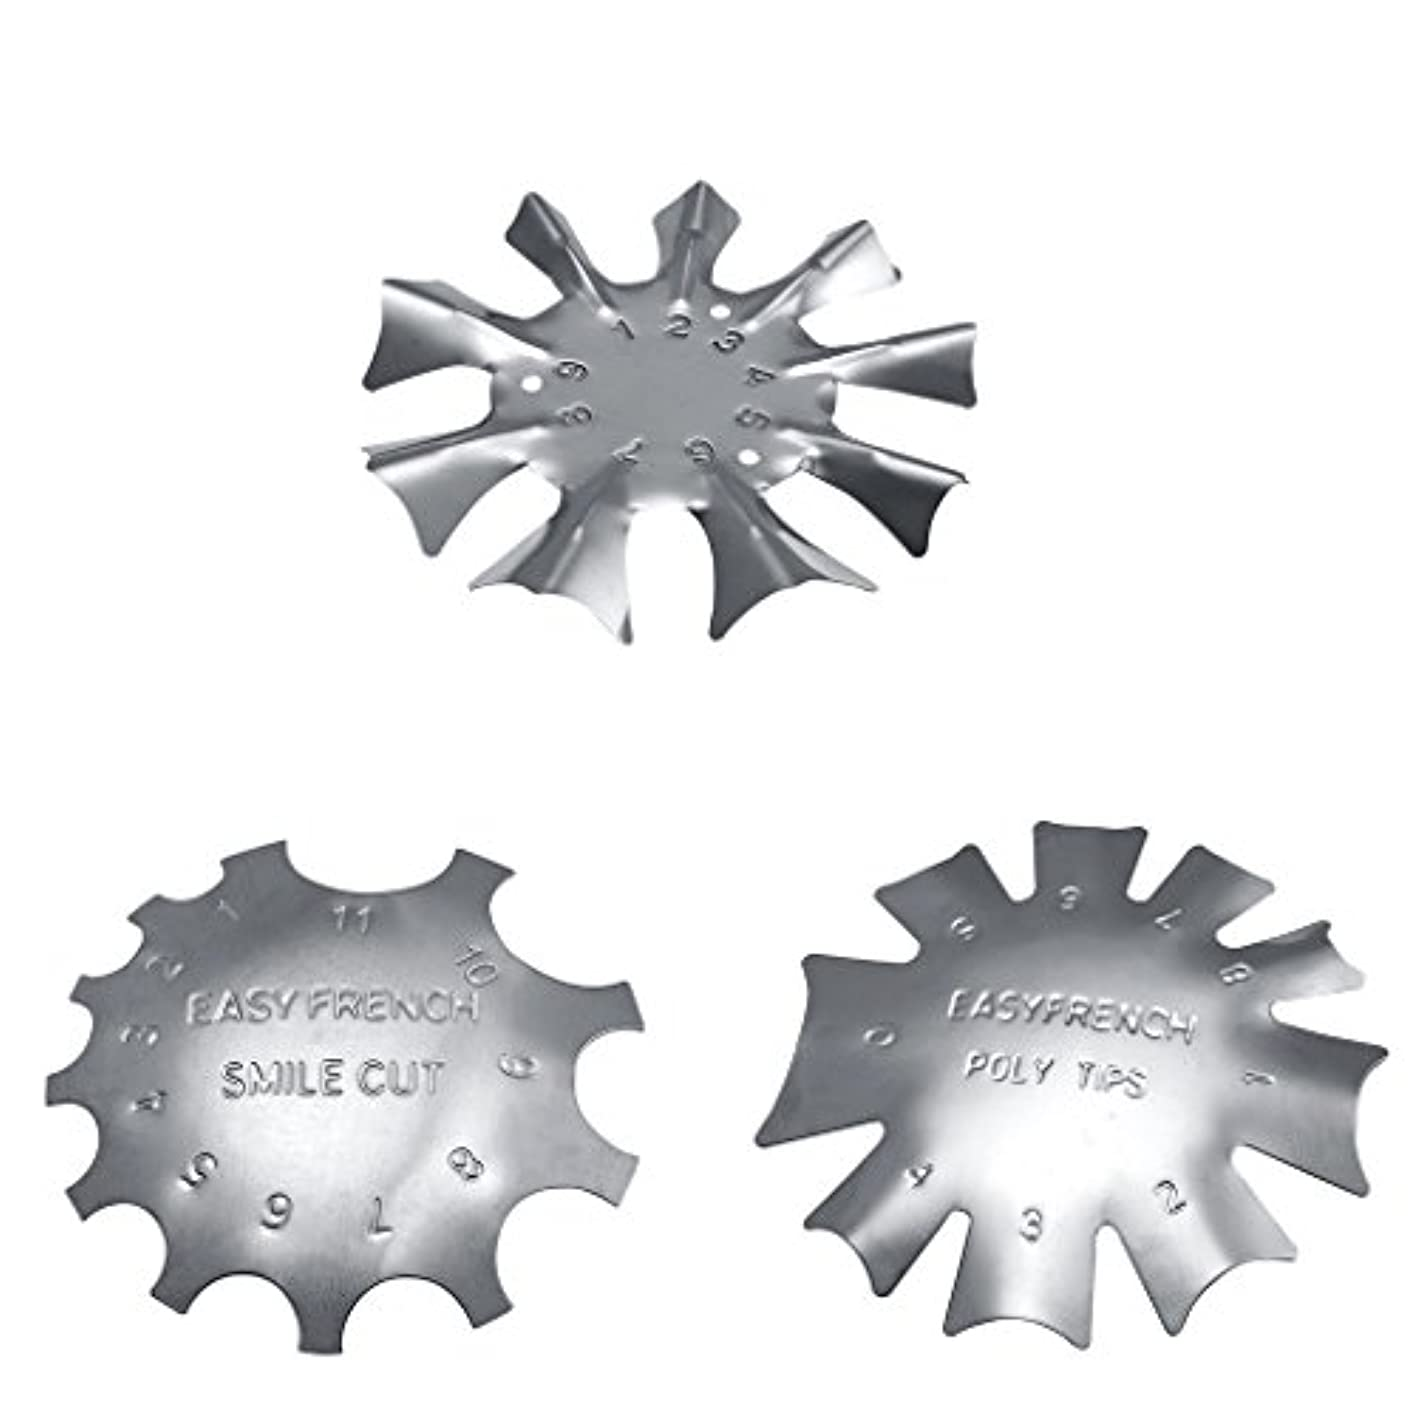 略奪おとうさん上院議員Toygogo 3スタイル簡単フレンチスマイルカットラインエッジトリマーマニキュアネイルアートステンシルテンプレートツール耐久性のあるステンレス鋼